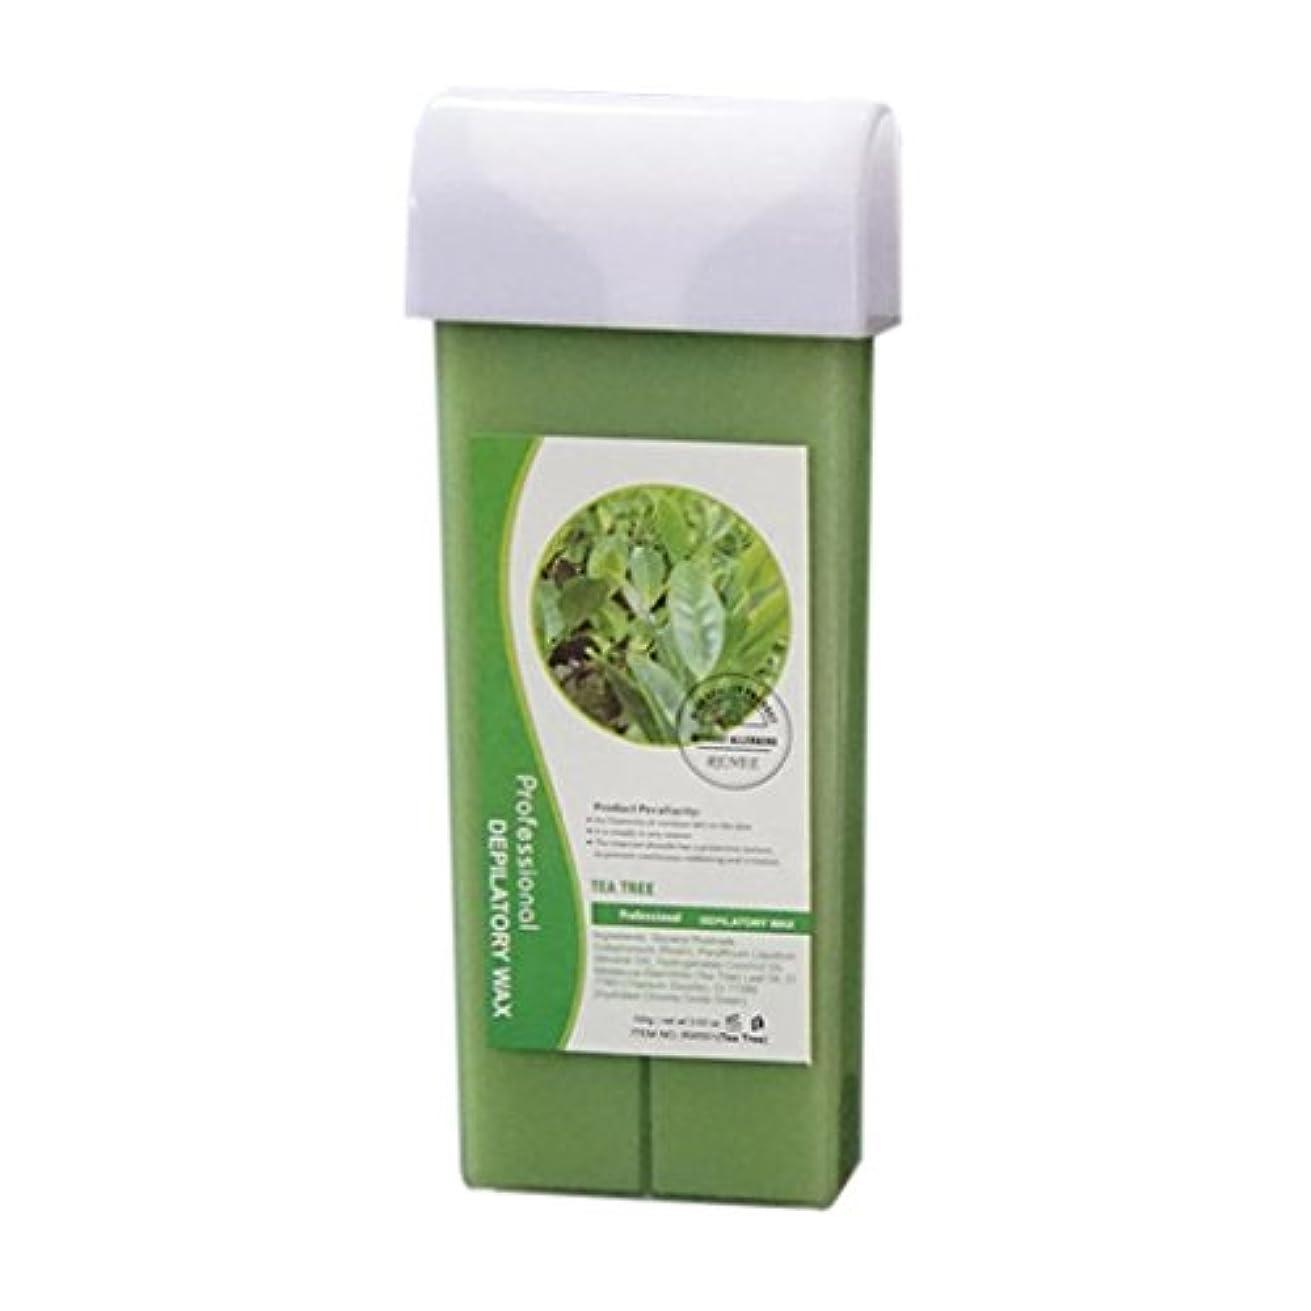 夜明け装備する首謀者[SakuraBest] 100G Heater Wax Depilatory For Hair Removal, 100Gヒーターワックス脱毛除毛用